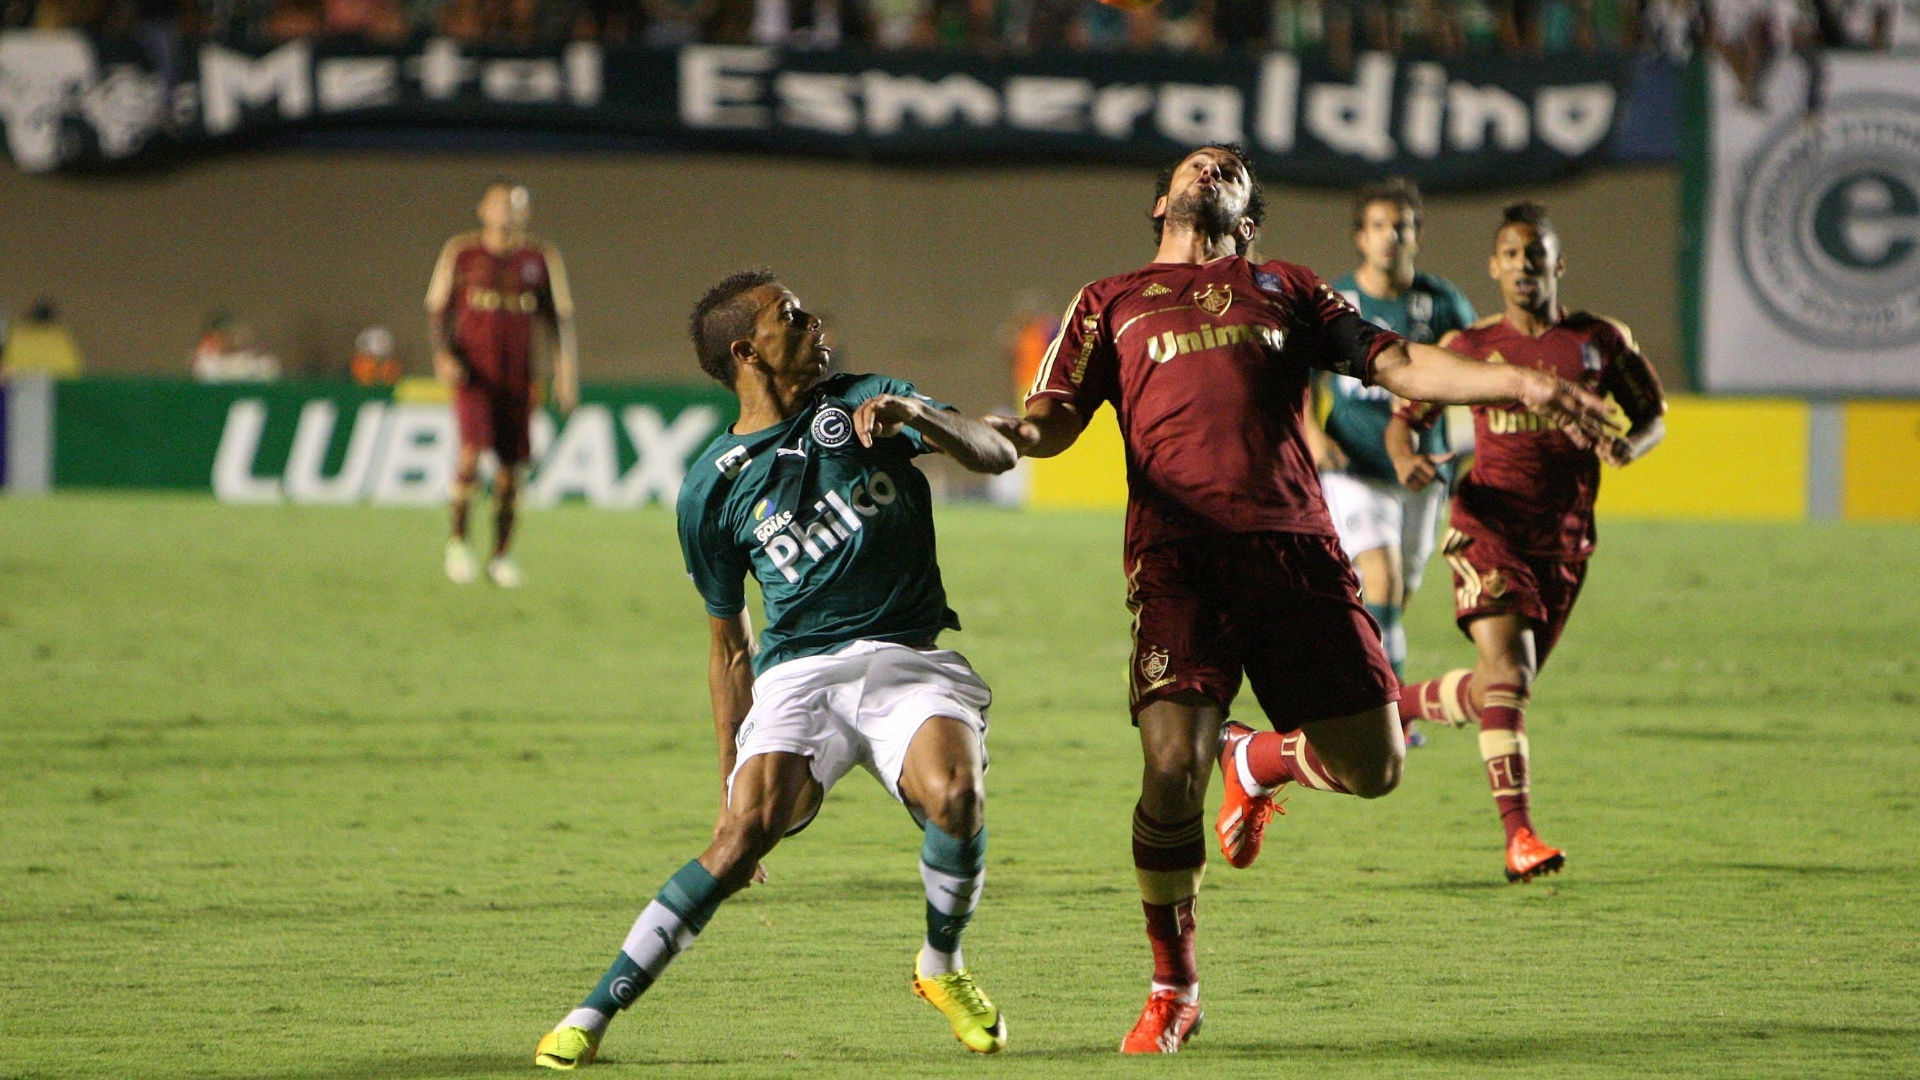 24 ago 2013 - William Matheus disputa uma bola com Fred durante Goiás x Fluminense